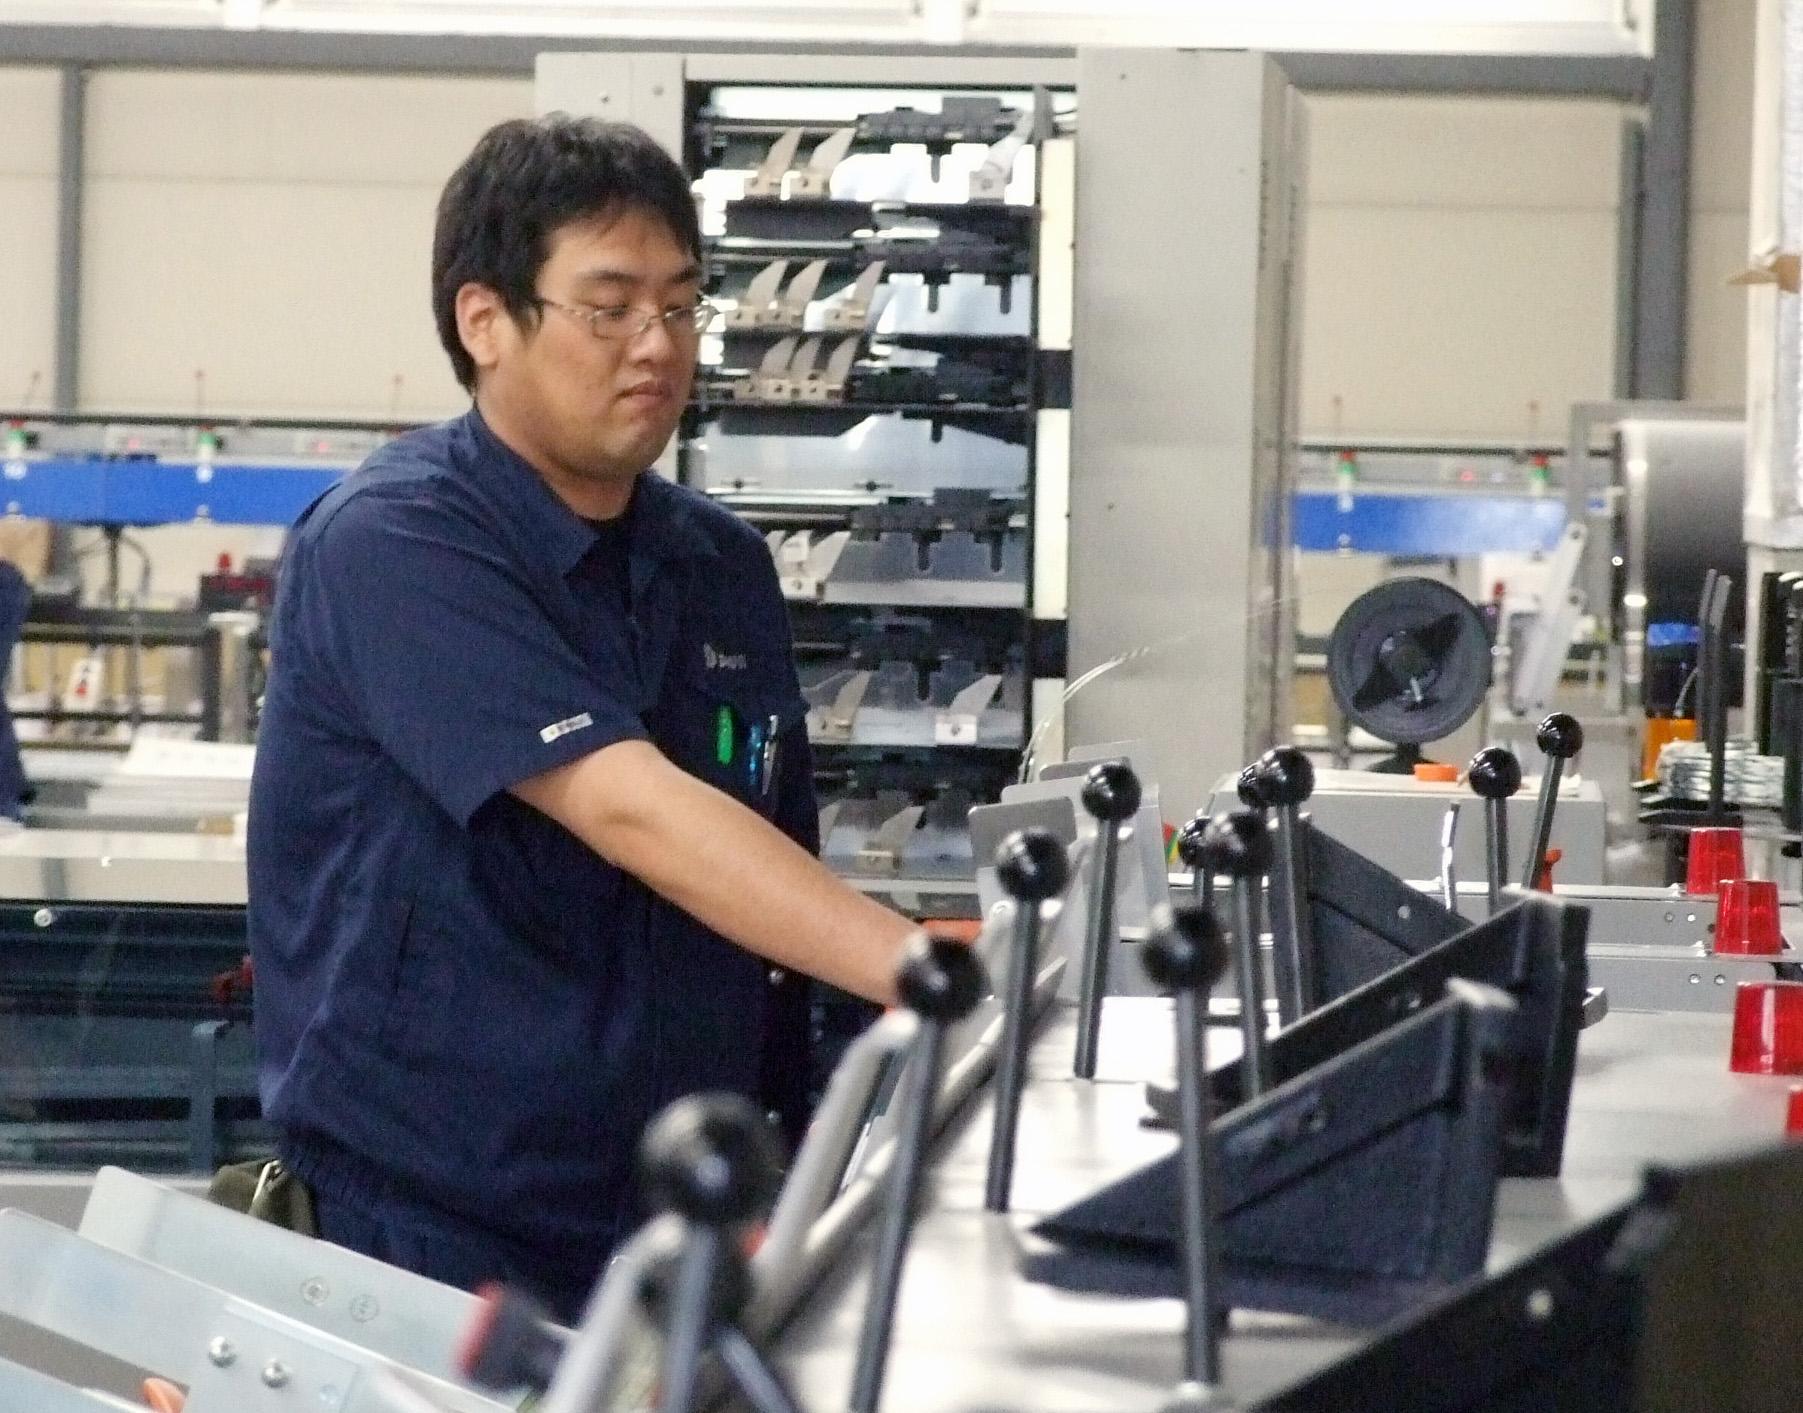 オペレーション担当の秋元さんの実演の様子の画像